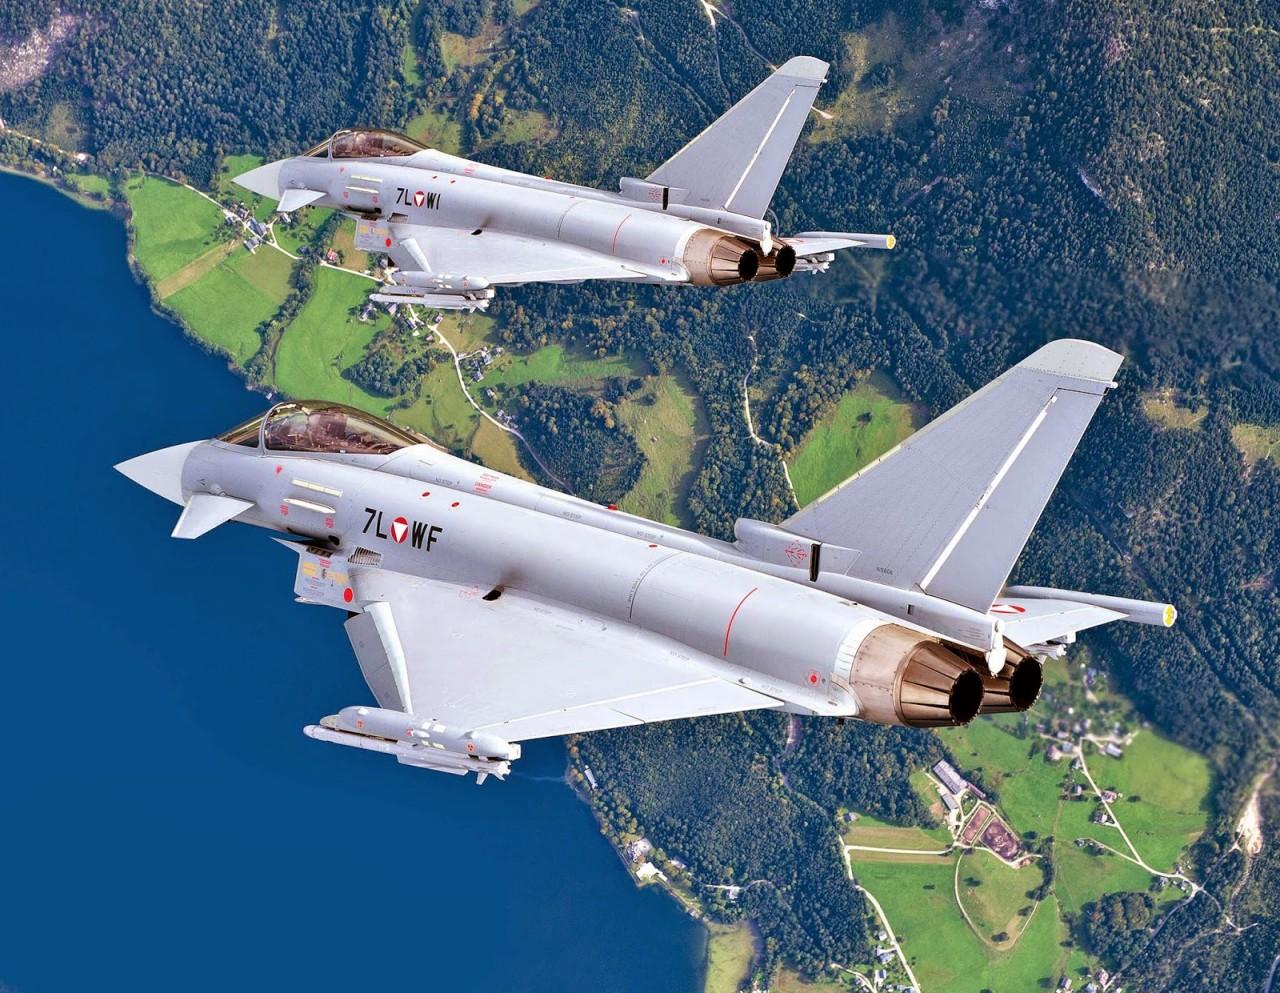 Airbus препирается с министерством обороны Австрии по поводу австрийских истребителей Eurofighter